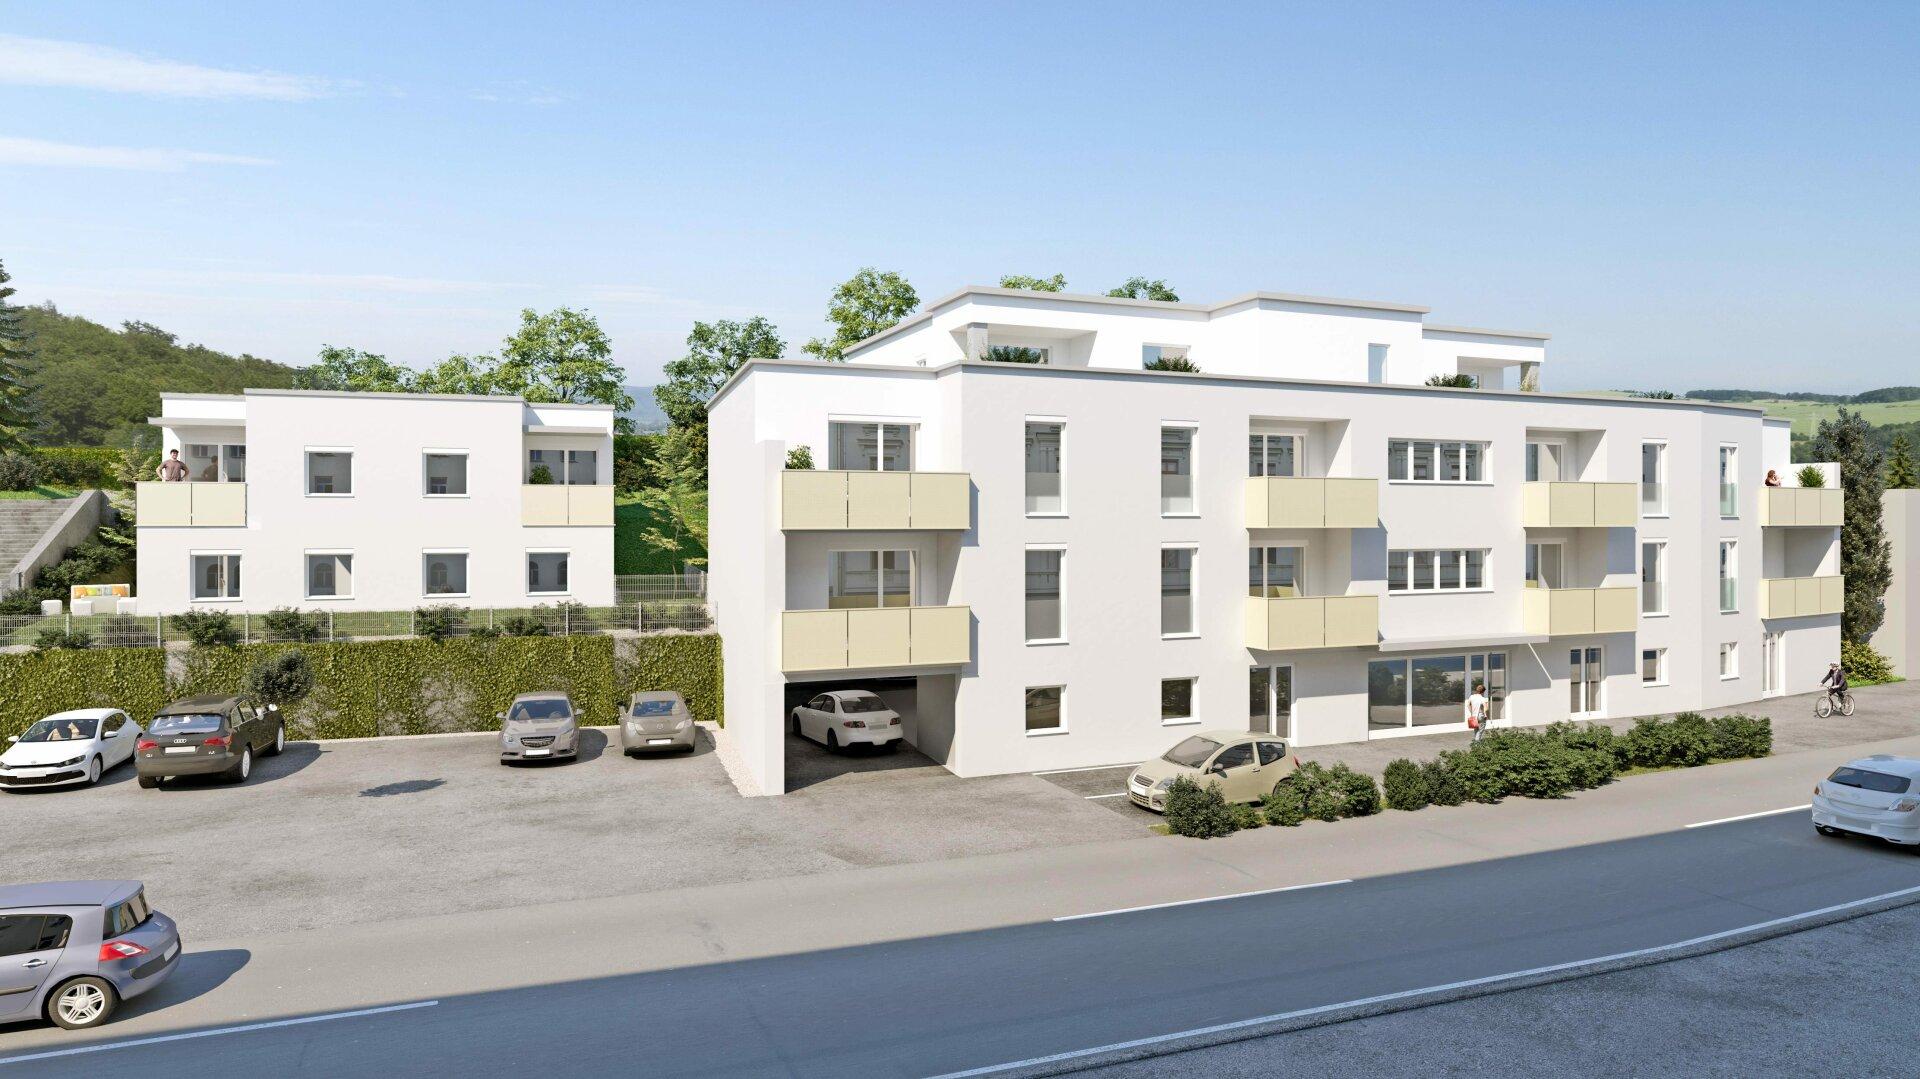 Geförderte Genossenschaftswohnung mit großer Dachterrasse - MIETE MIT KAUFOPTION